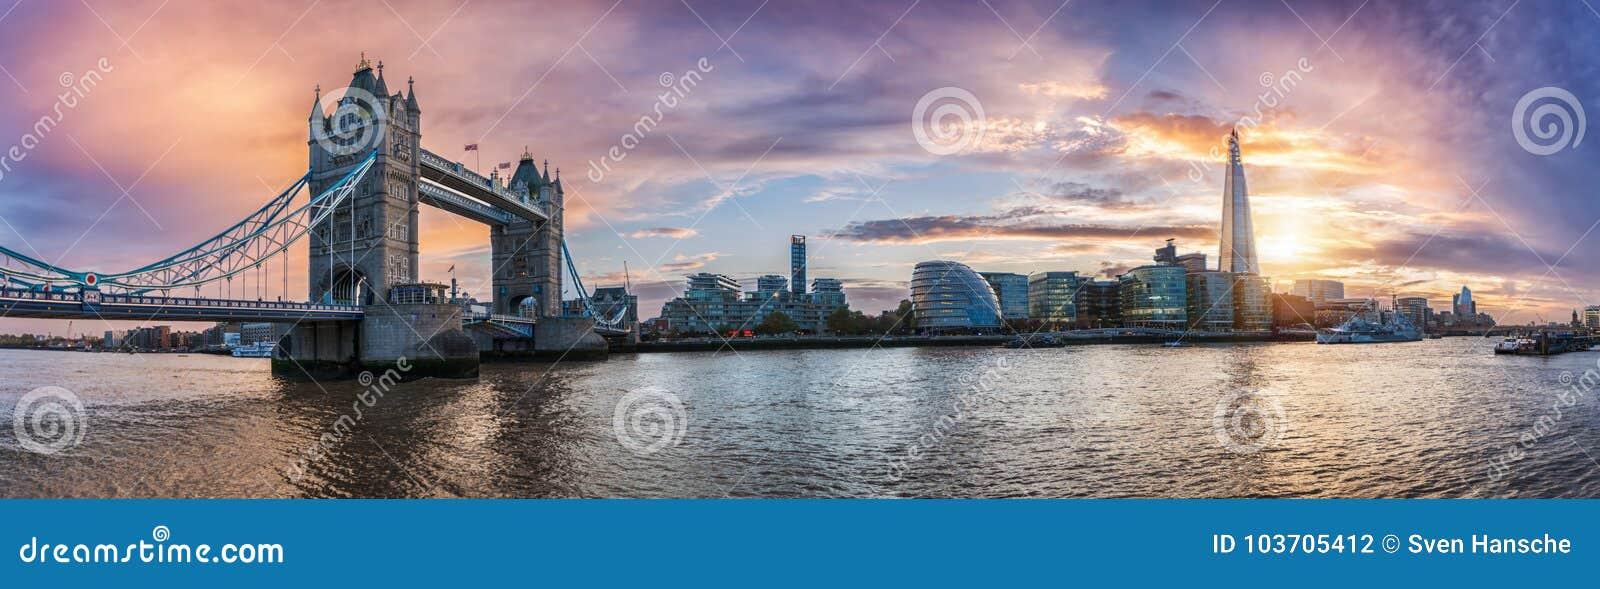 Panorama del puente de la torre a la torre de Londres